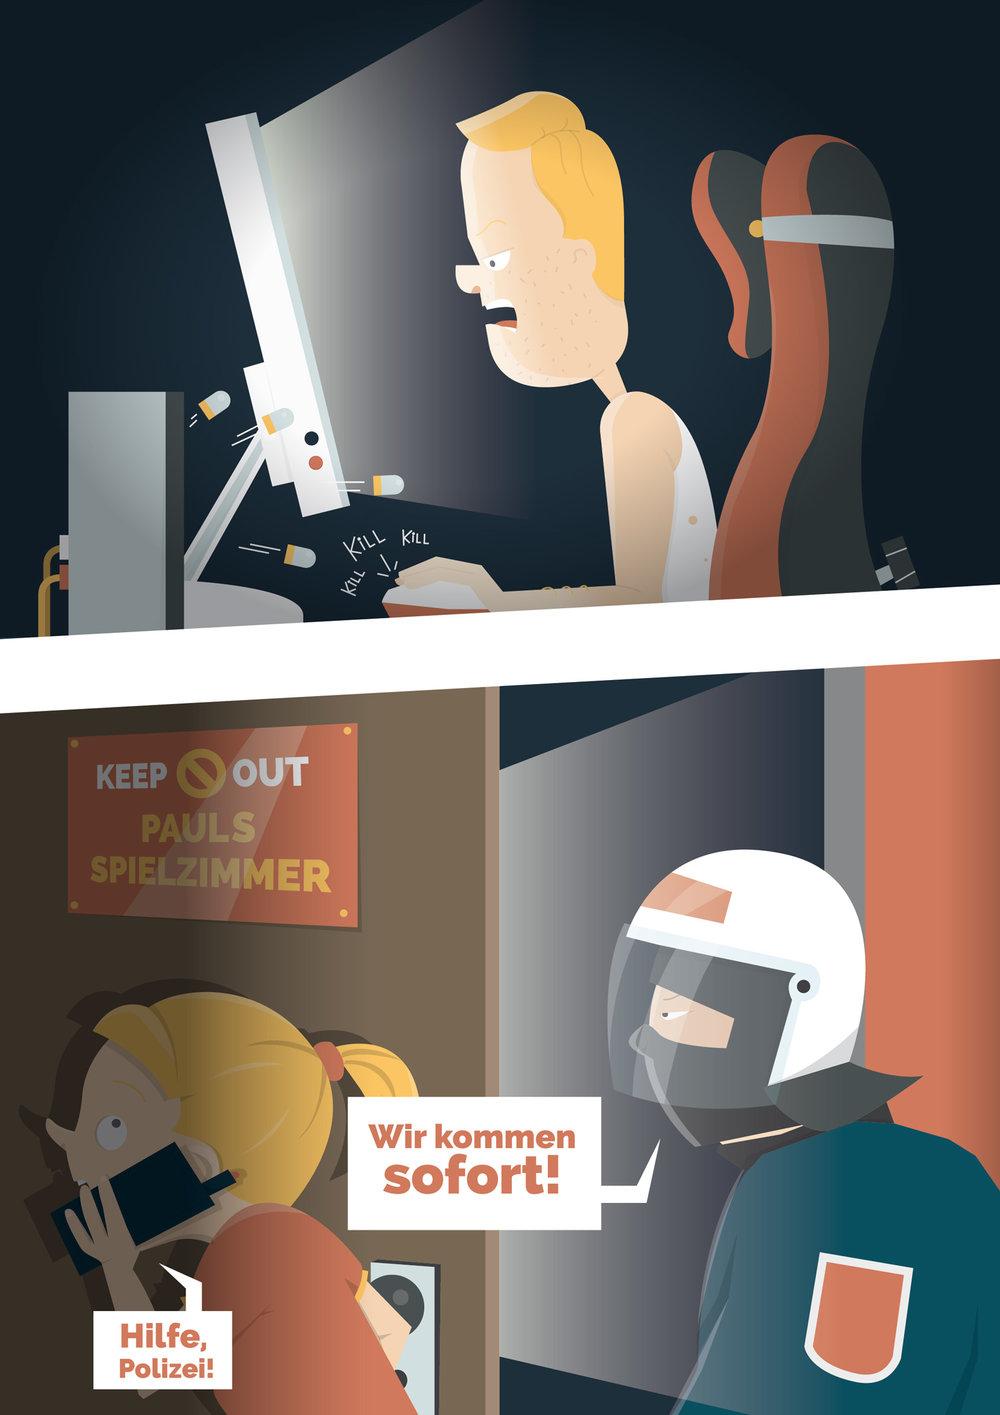 Sachbuch Illustration Killerspiele - Elisabeth Deim